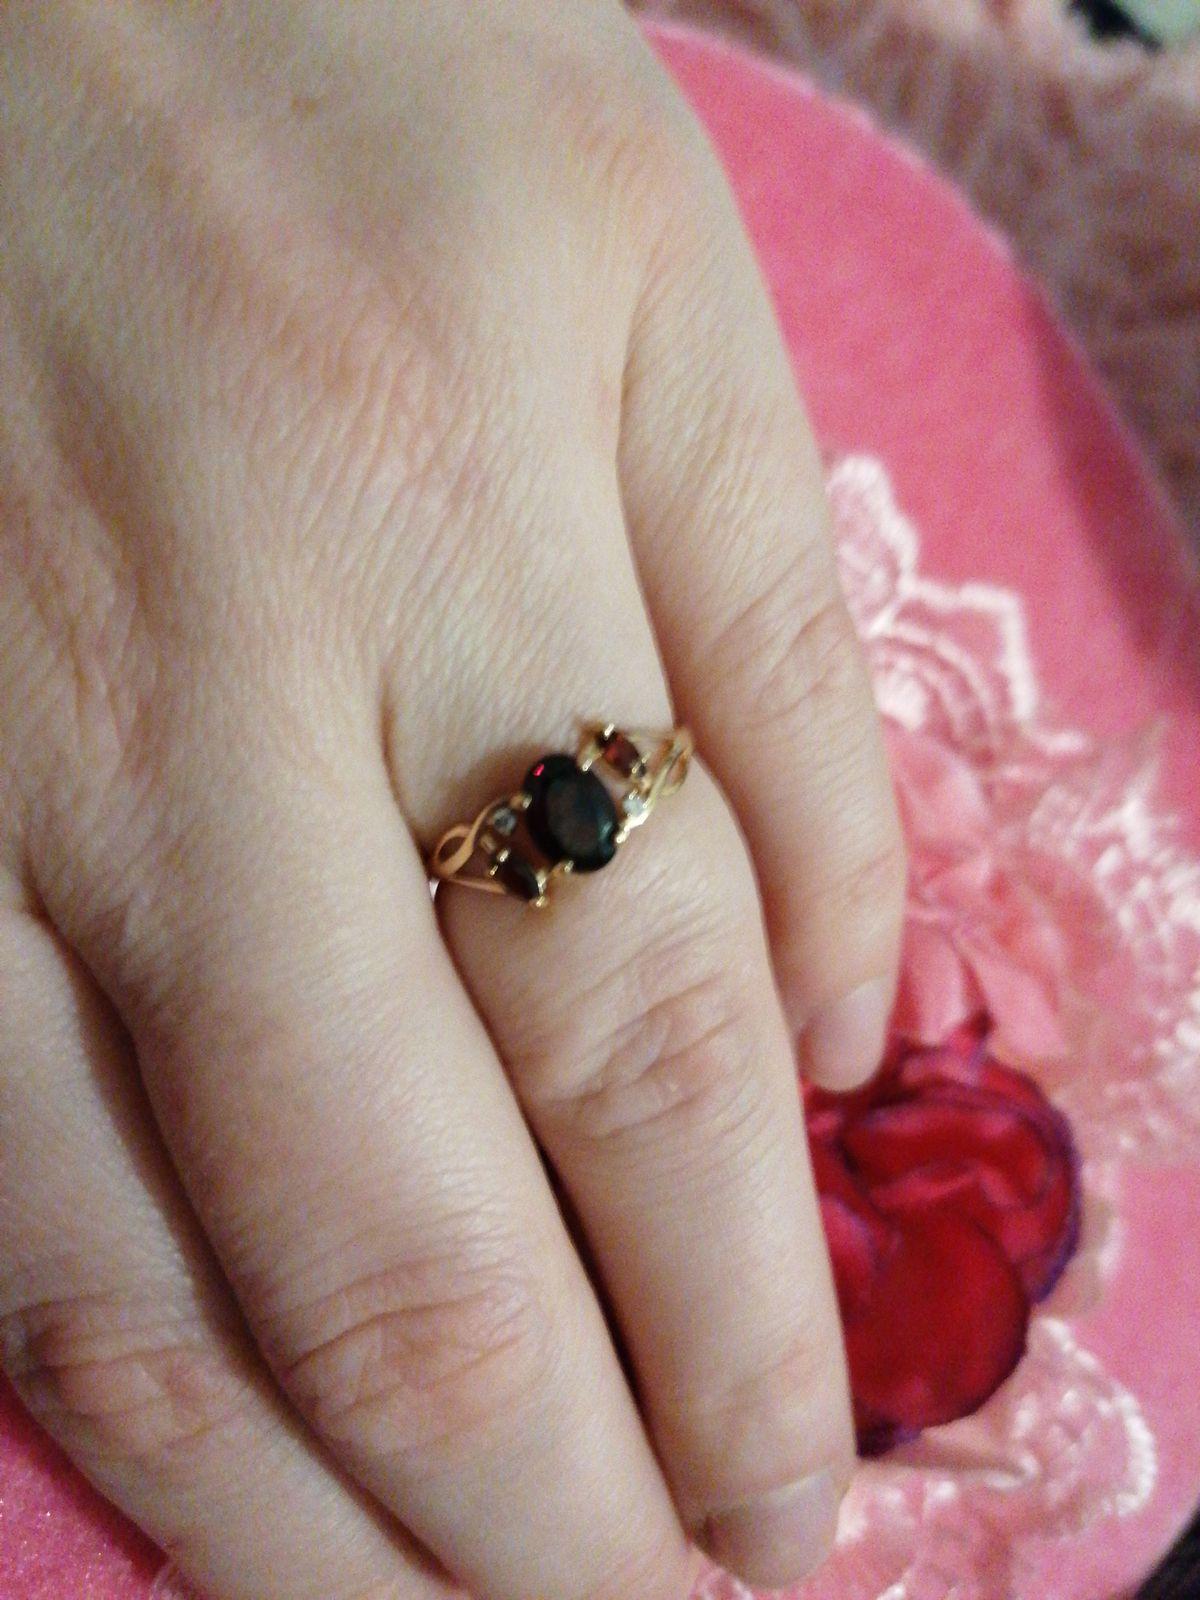 Супруг подарил мне на 8 марта. очень рада такому подарку!!!